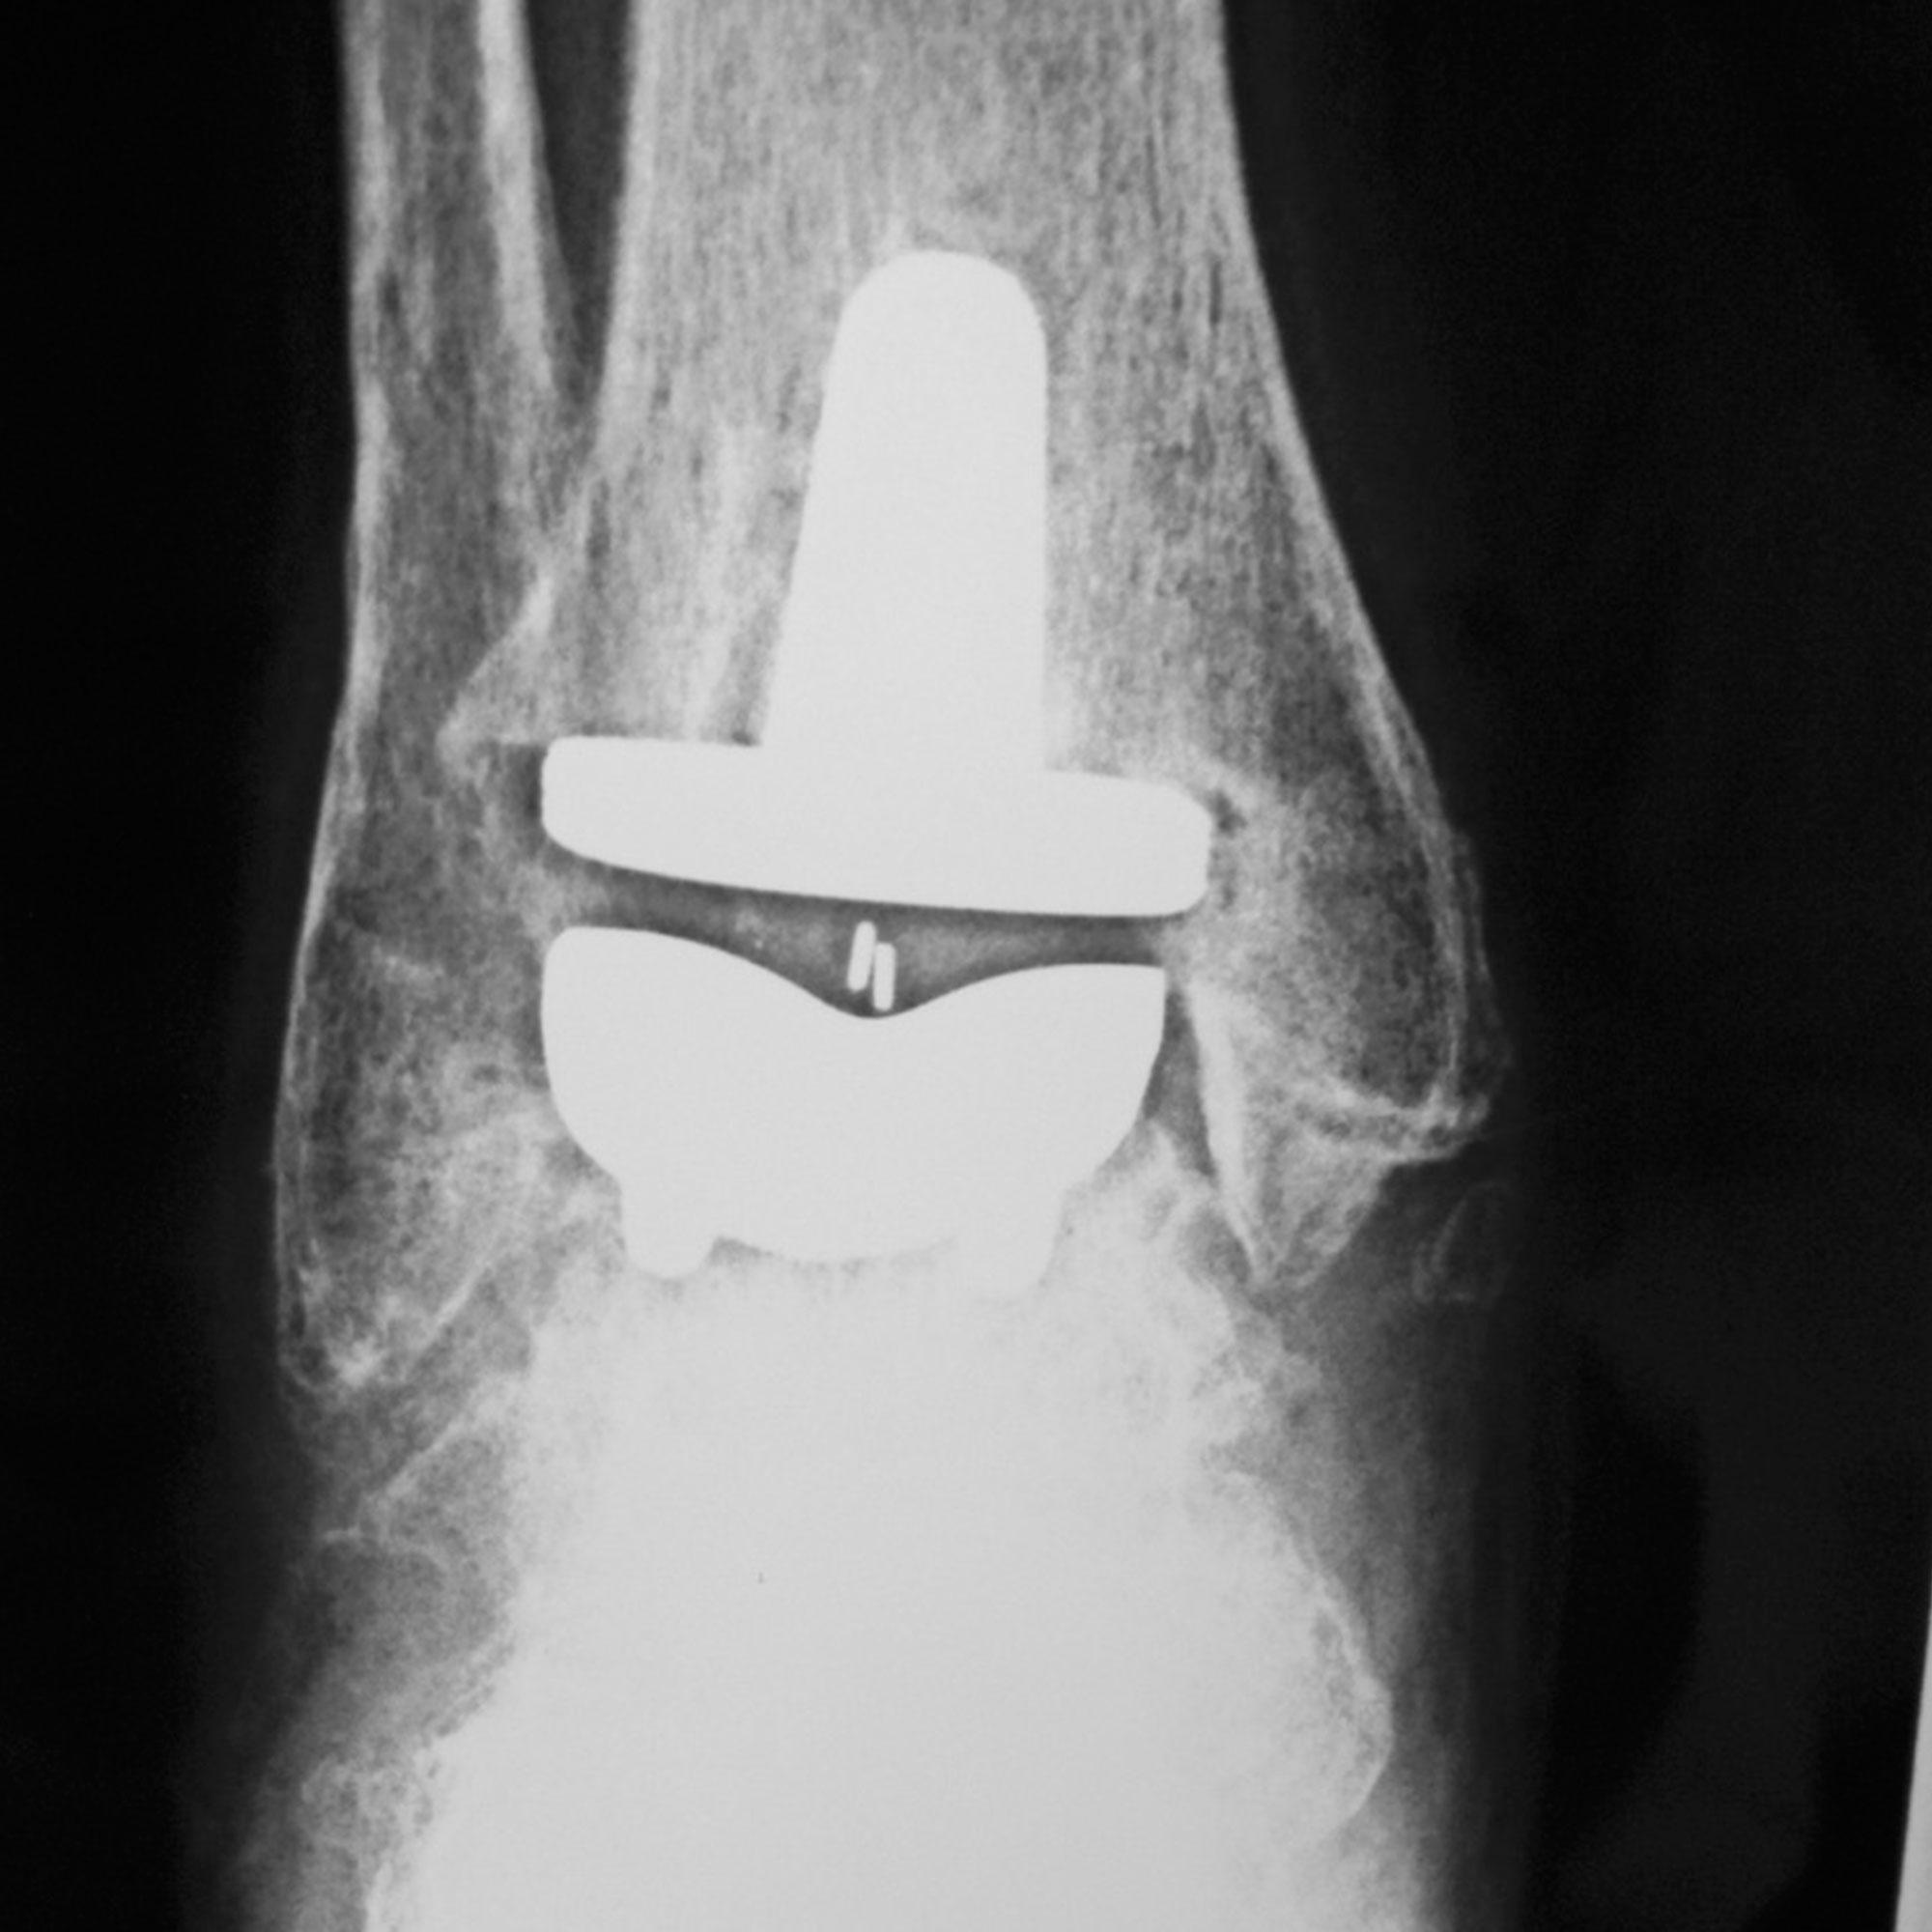 Prótesis de tobillo. Vista frontal.